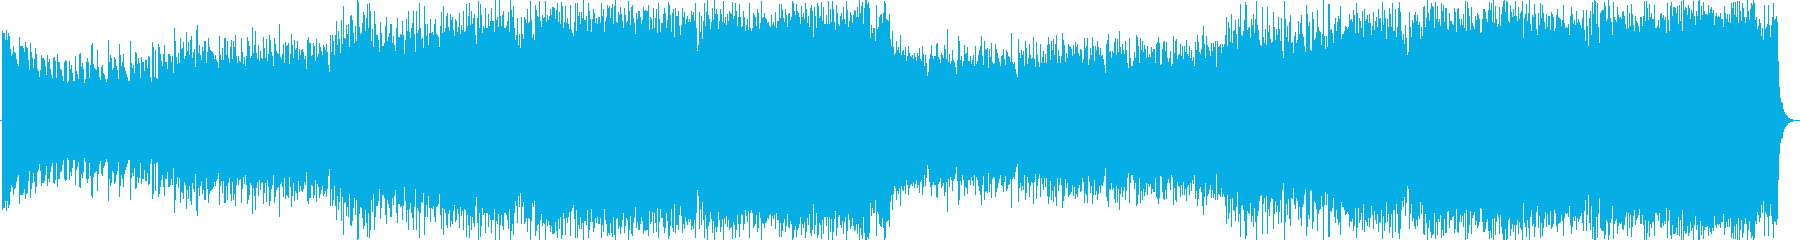 ポップで爽やかなEDM/ハウスの再生済みの波形